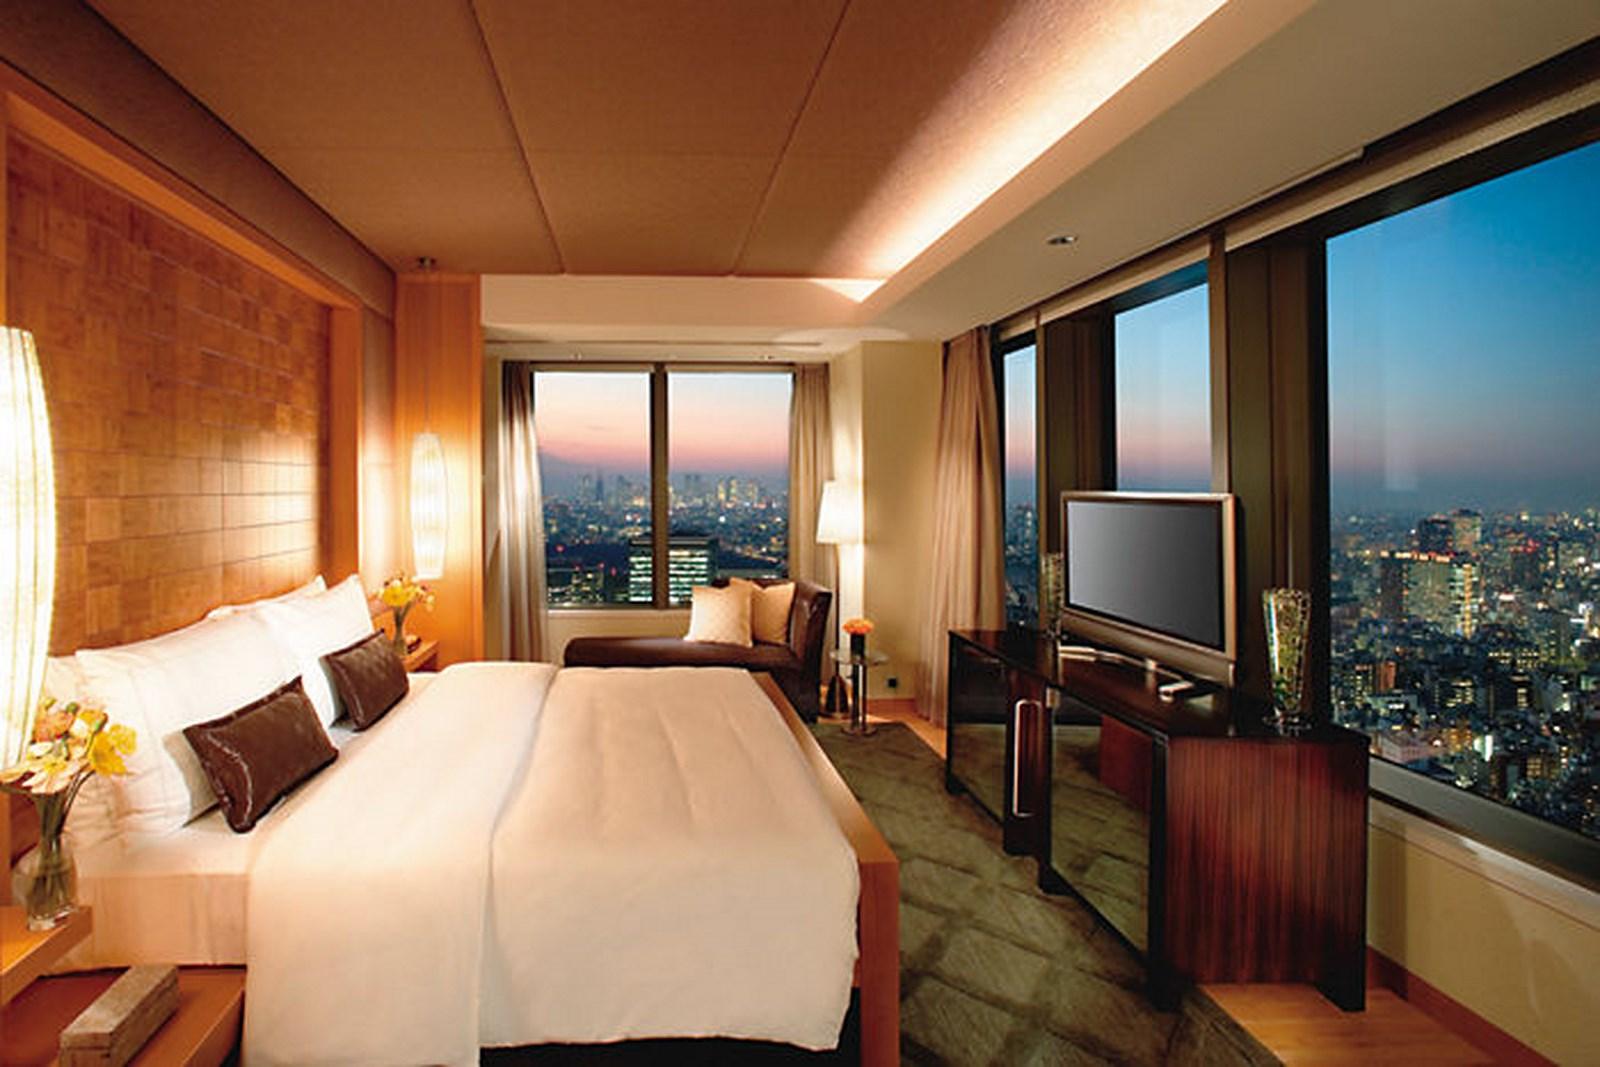 tokyo-suite-oriental-suite-bedroom-01 [1600x1200]